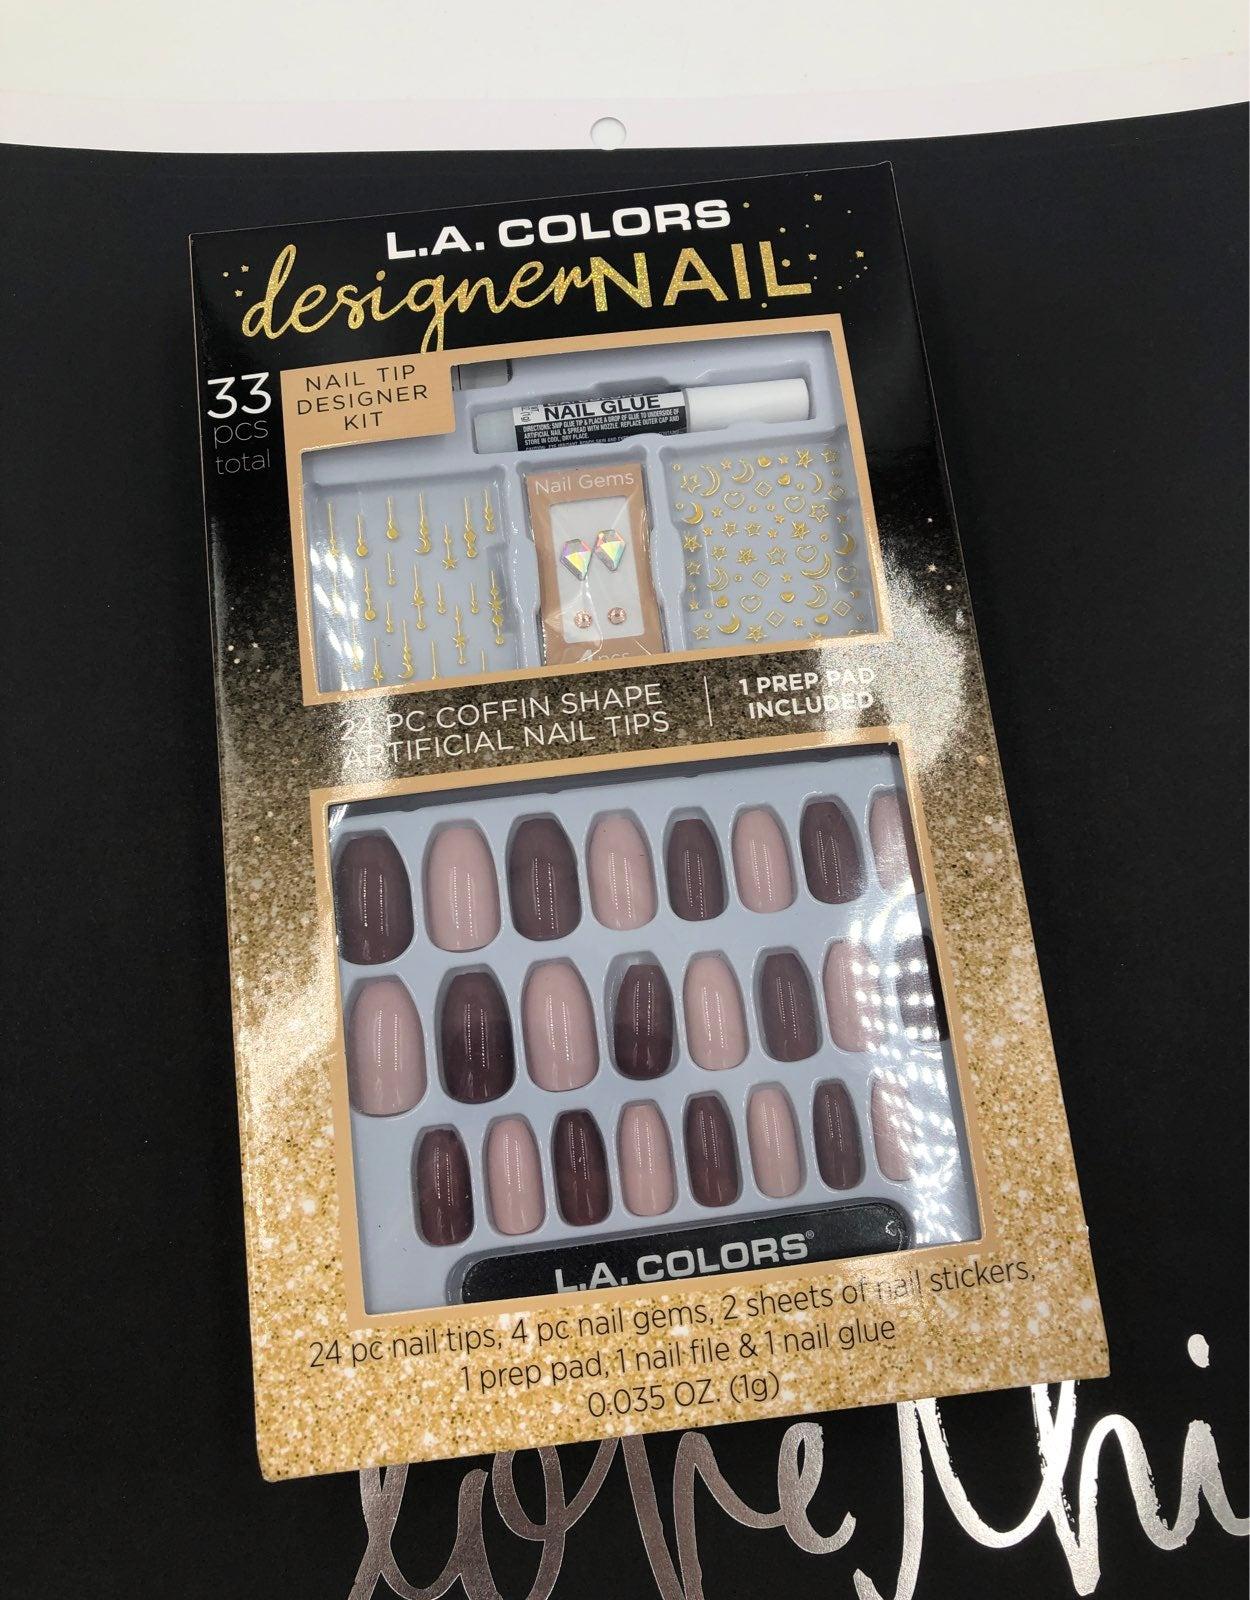 LA Colors Designer Nail Kit Mauve Pink